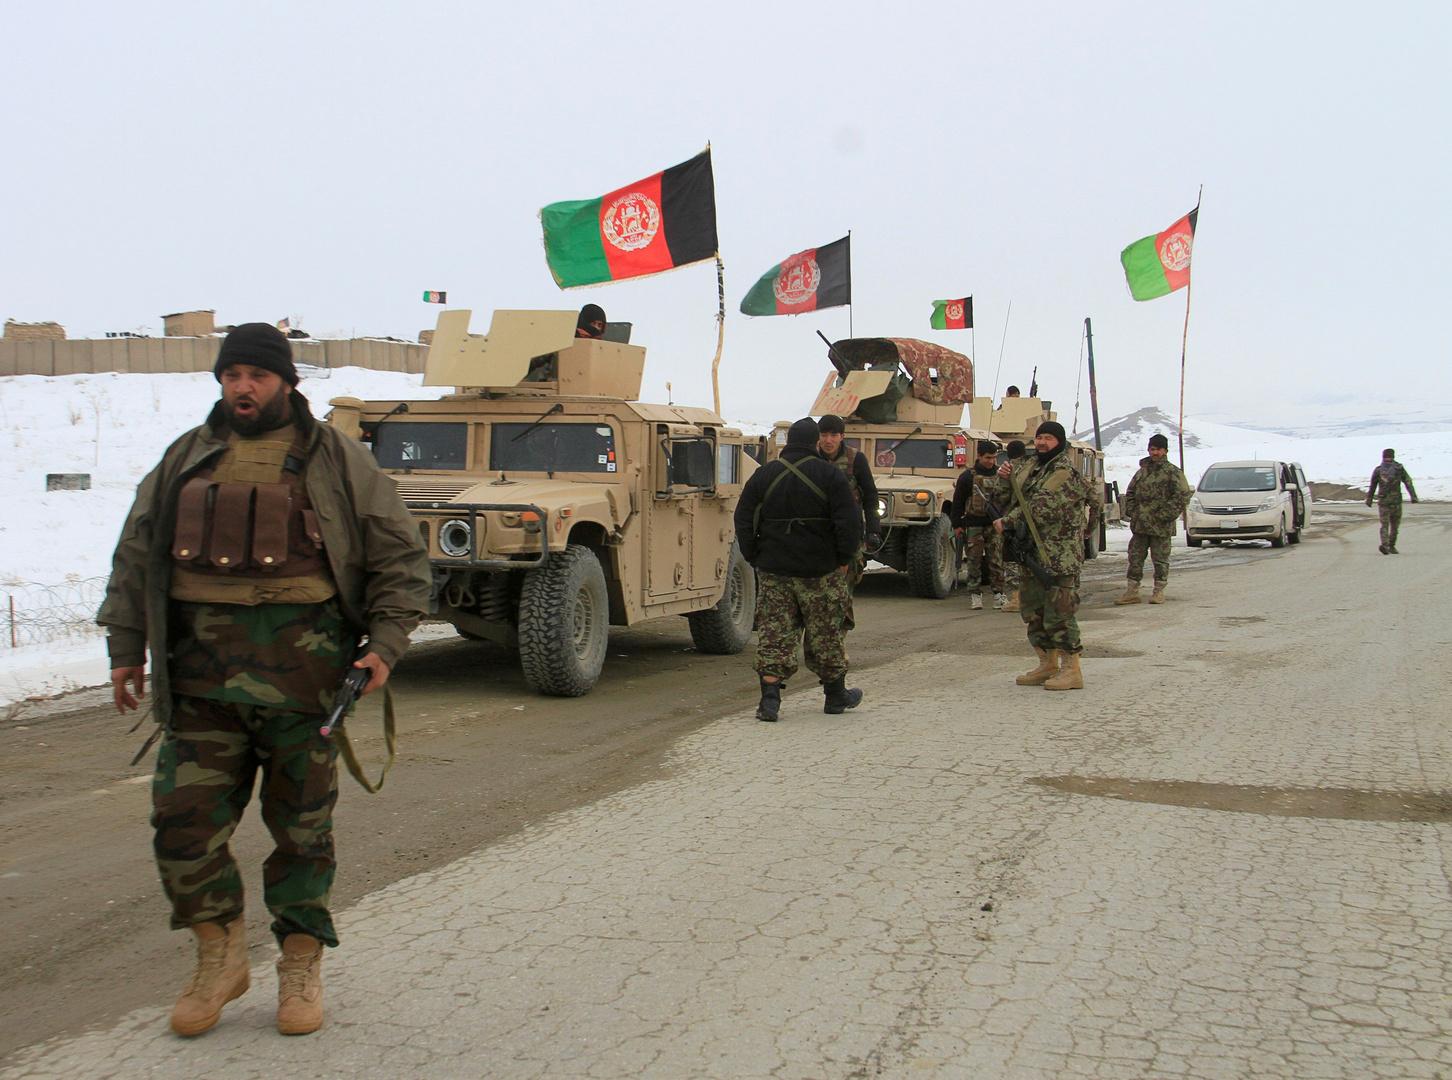 أفغانستان.. بدء هدنة تاريخية تمهيدا لتوقيع اتفاق بين واشنطن و